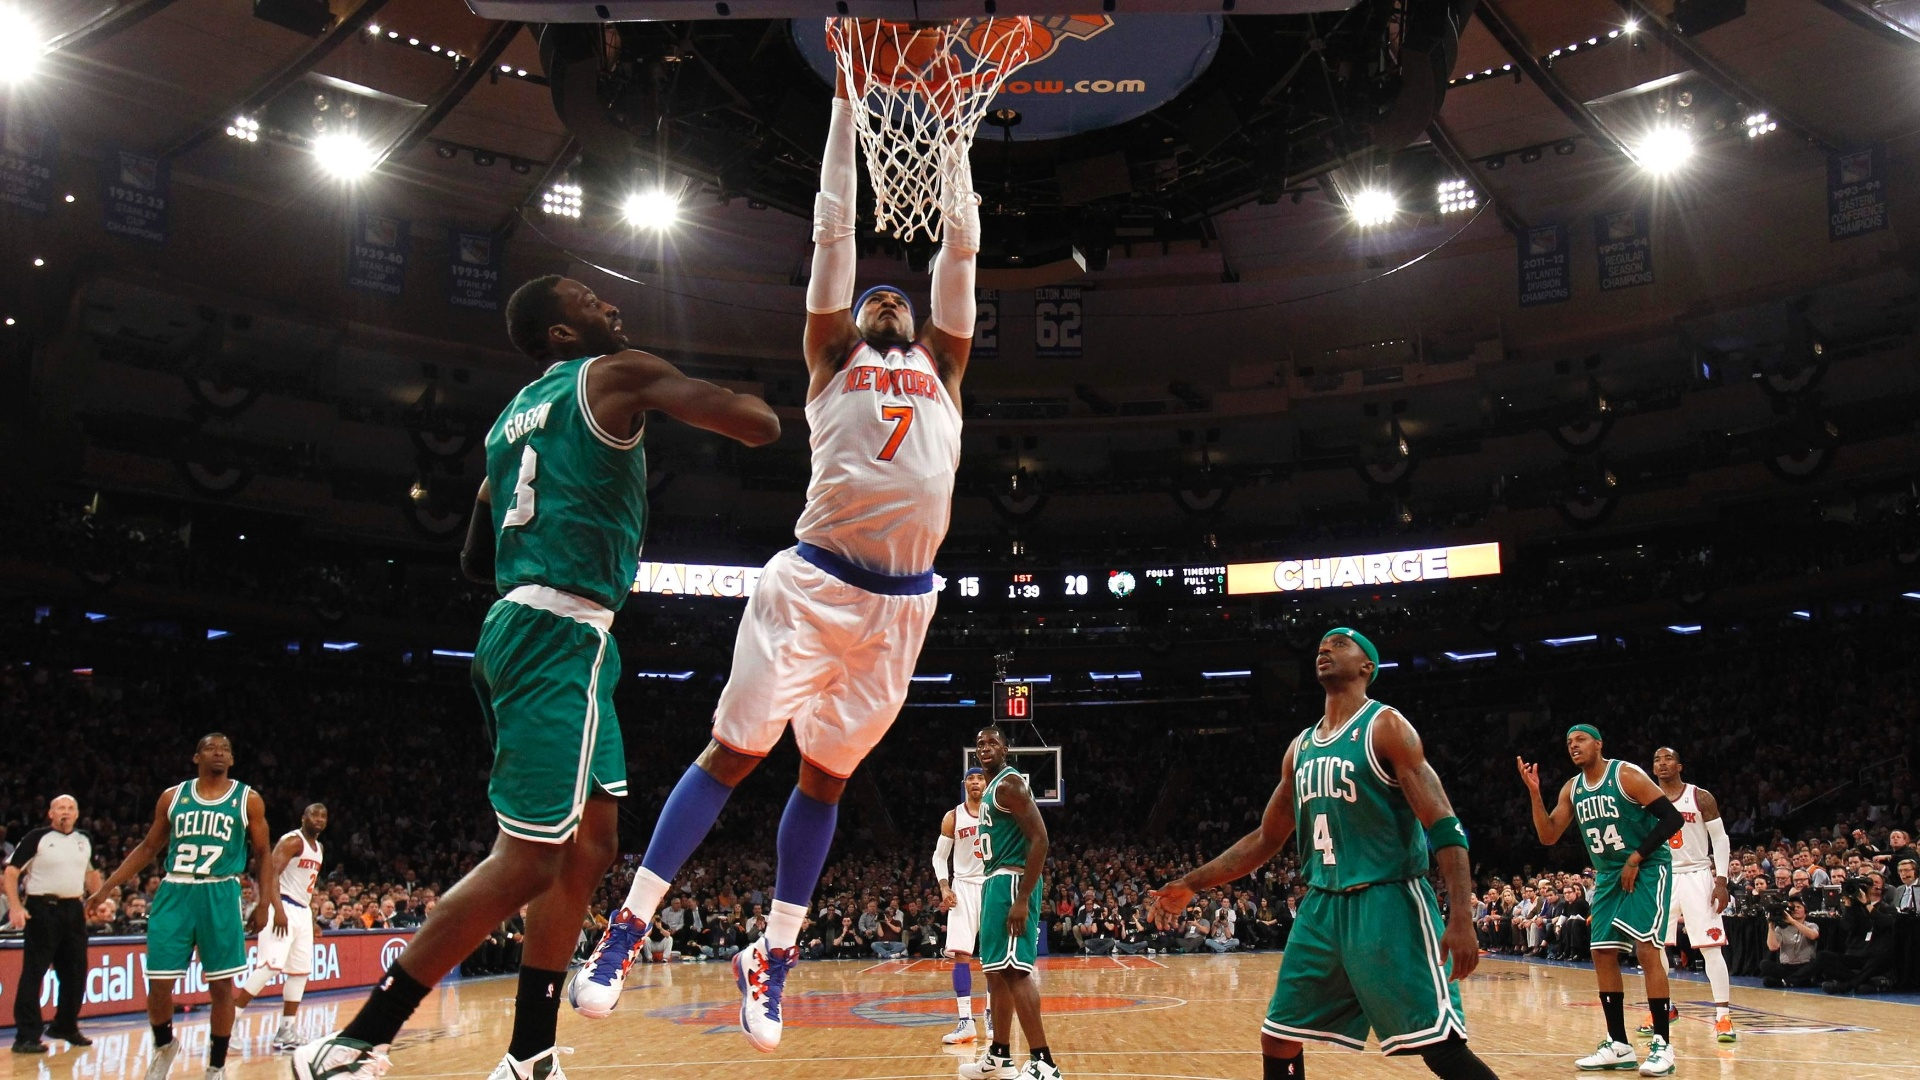 23.abr.2013 - Carmelo Anthony, dos Knicks, vence a marcação dos Celtics e dá uma enterrada